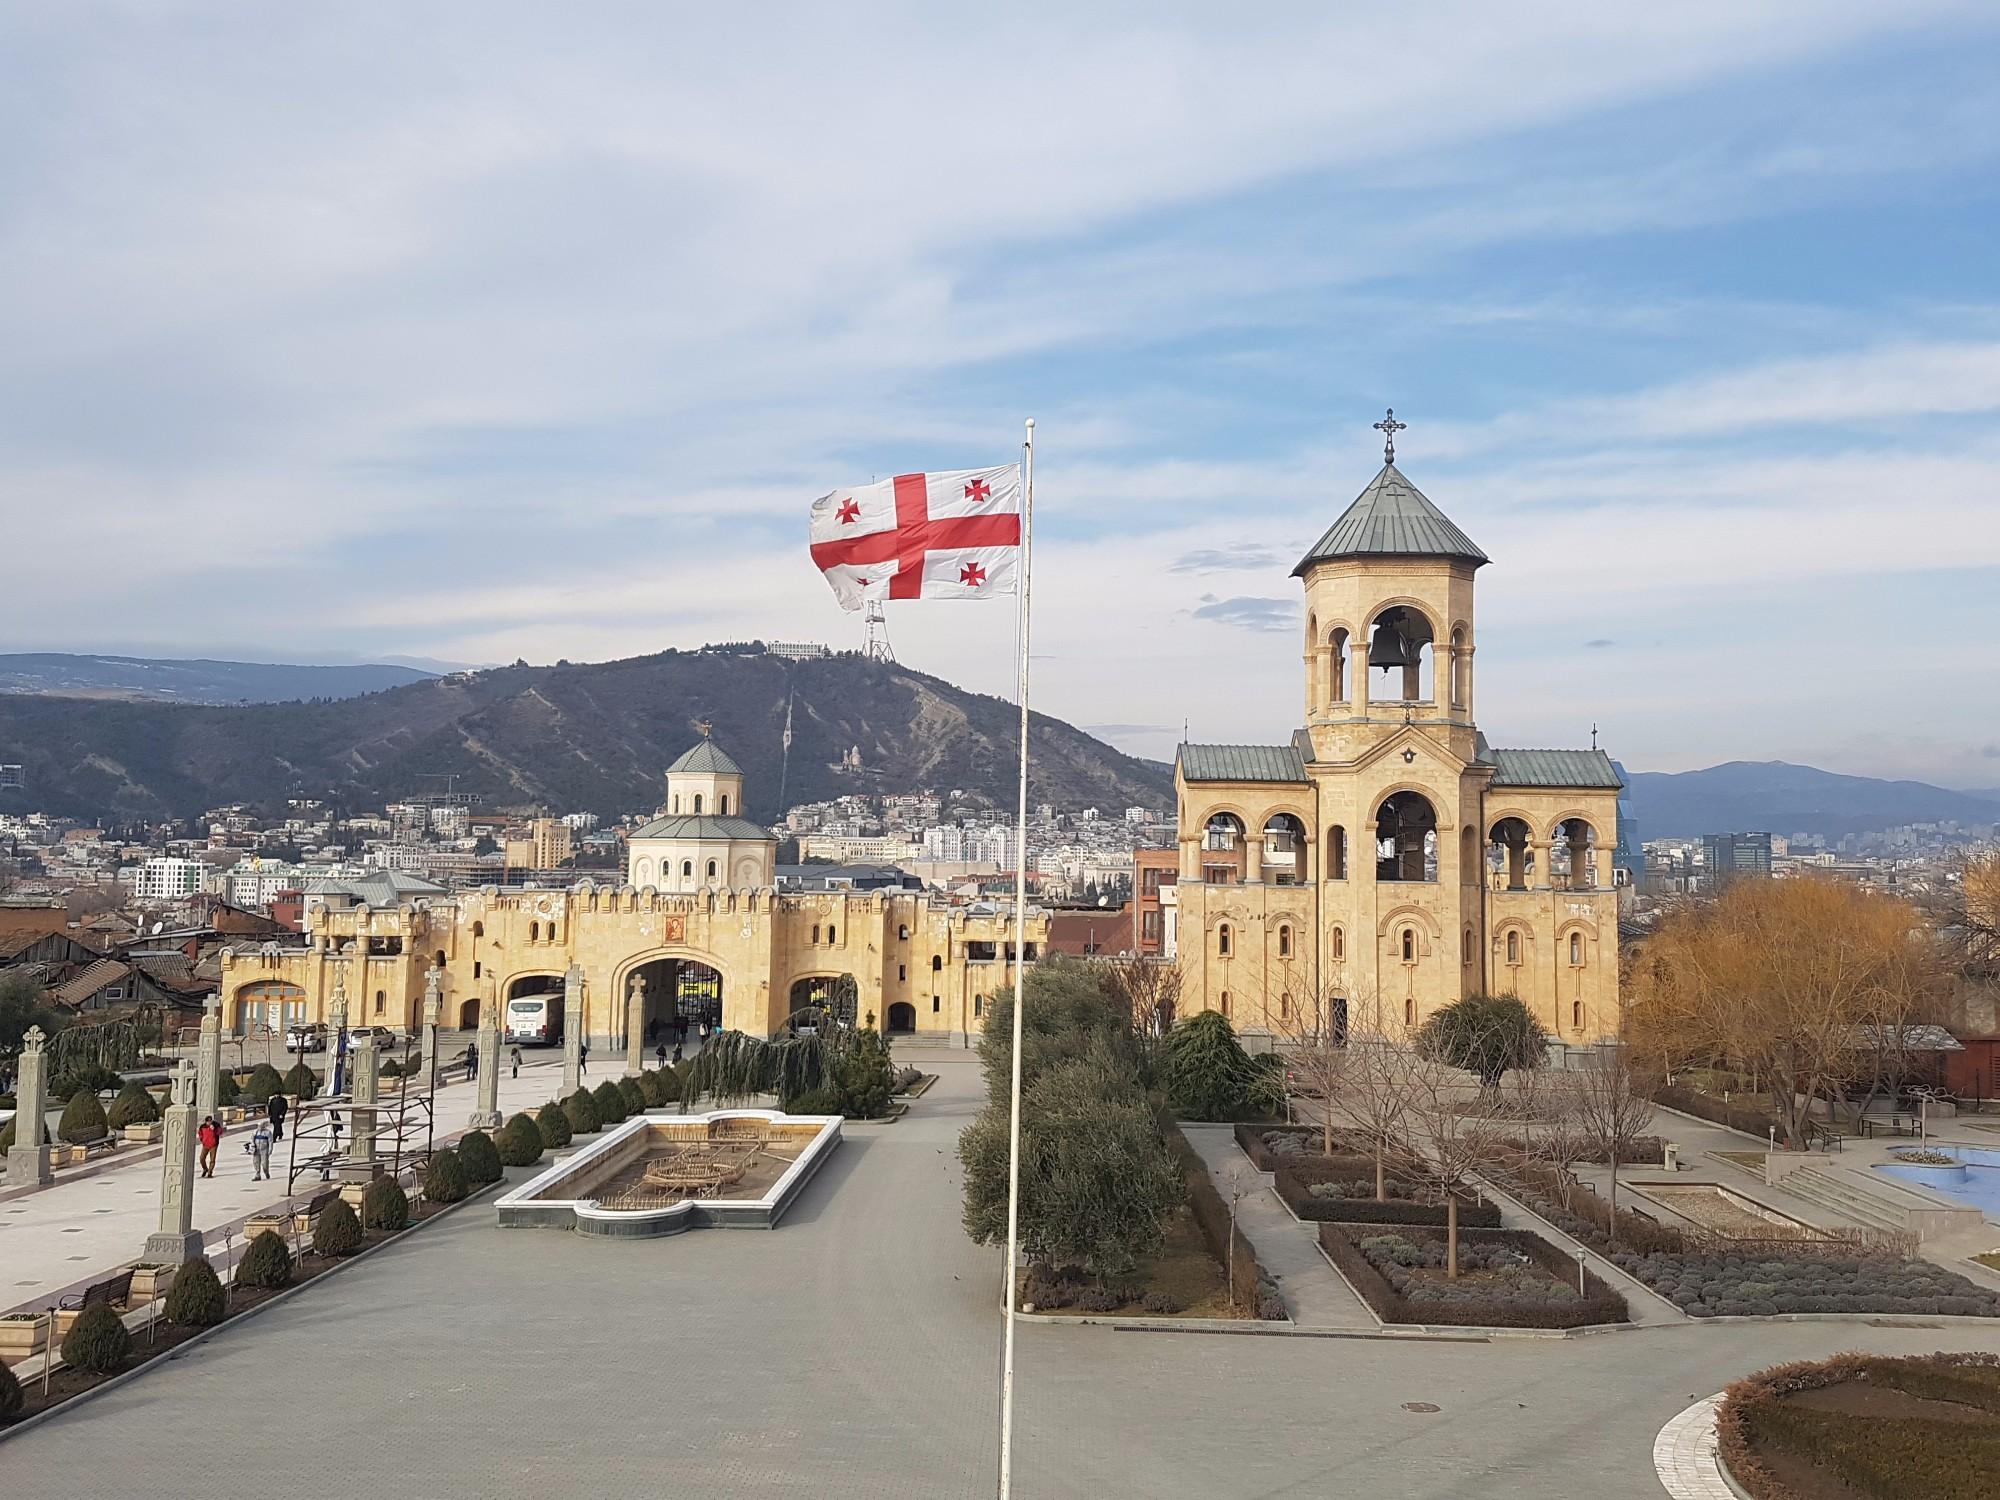 про страну грузию и фото универсальное